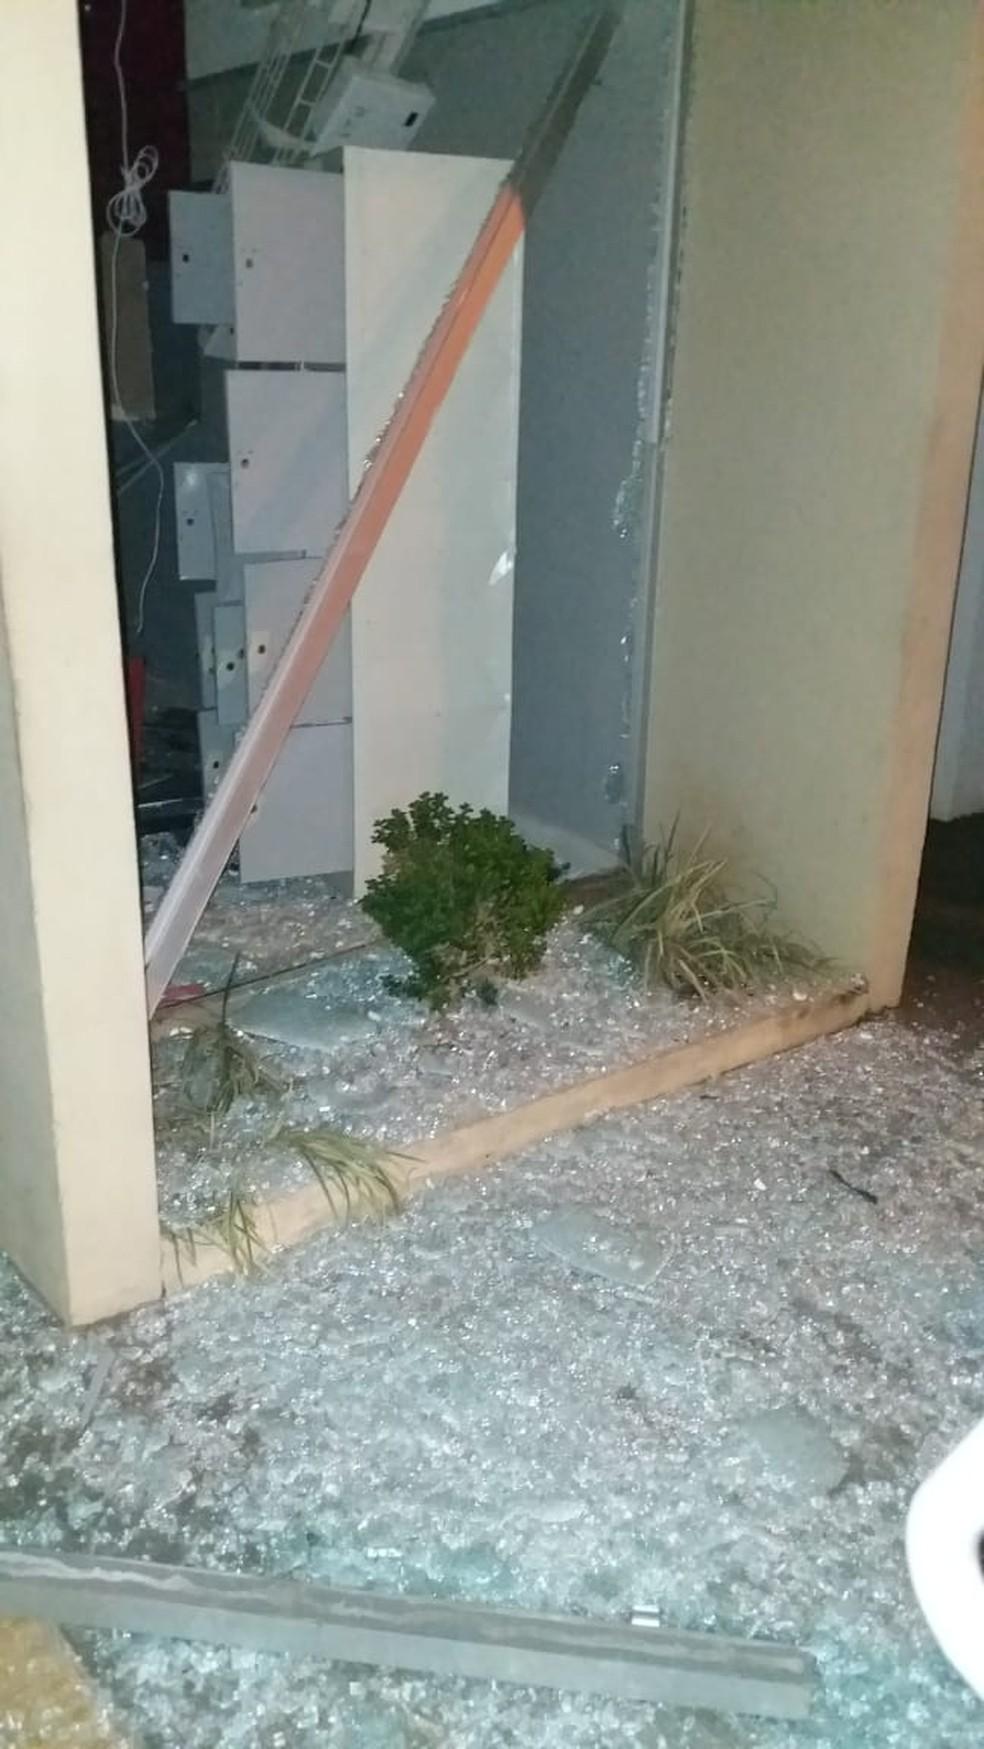 Suspeitos explodem caixas de auto atendimento em Santa Maria da Serra — Foto: Redes sociais/Reprodução